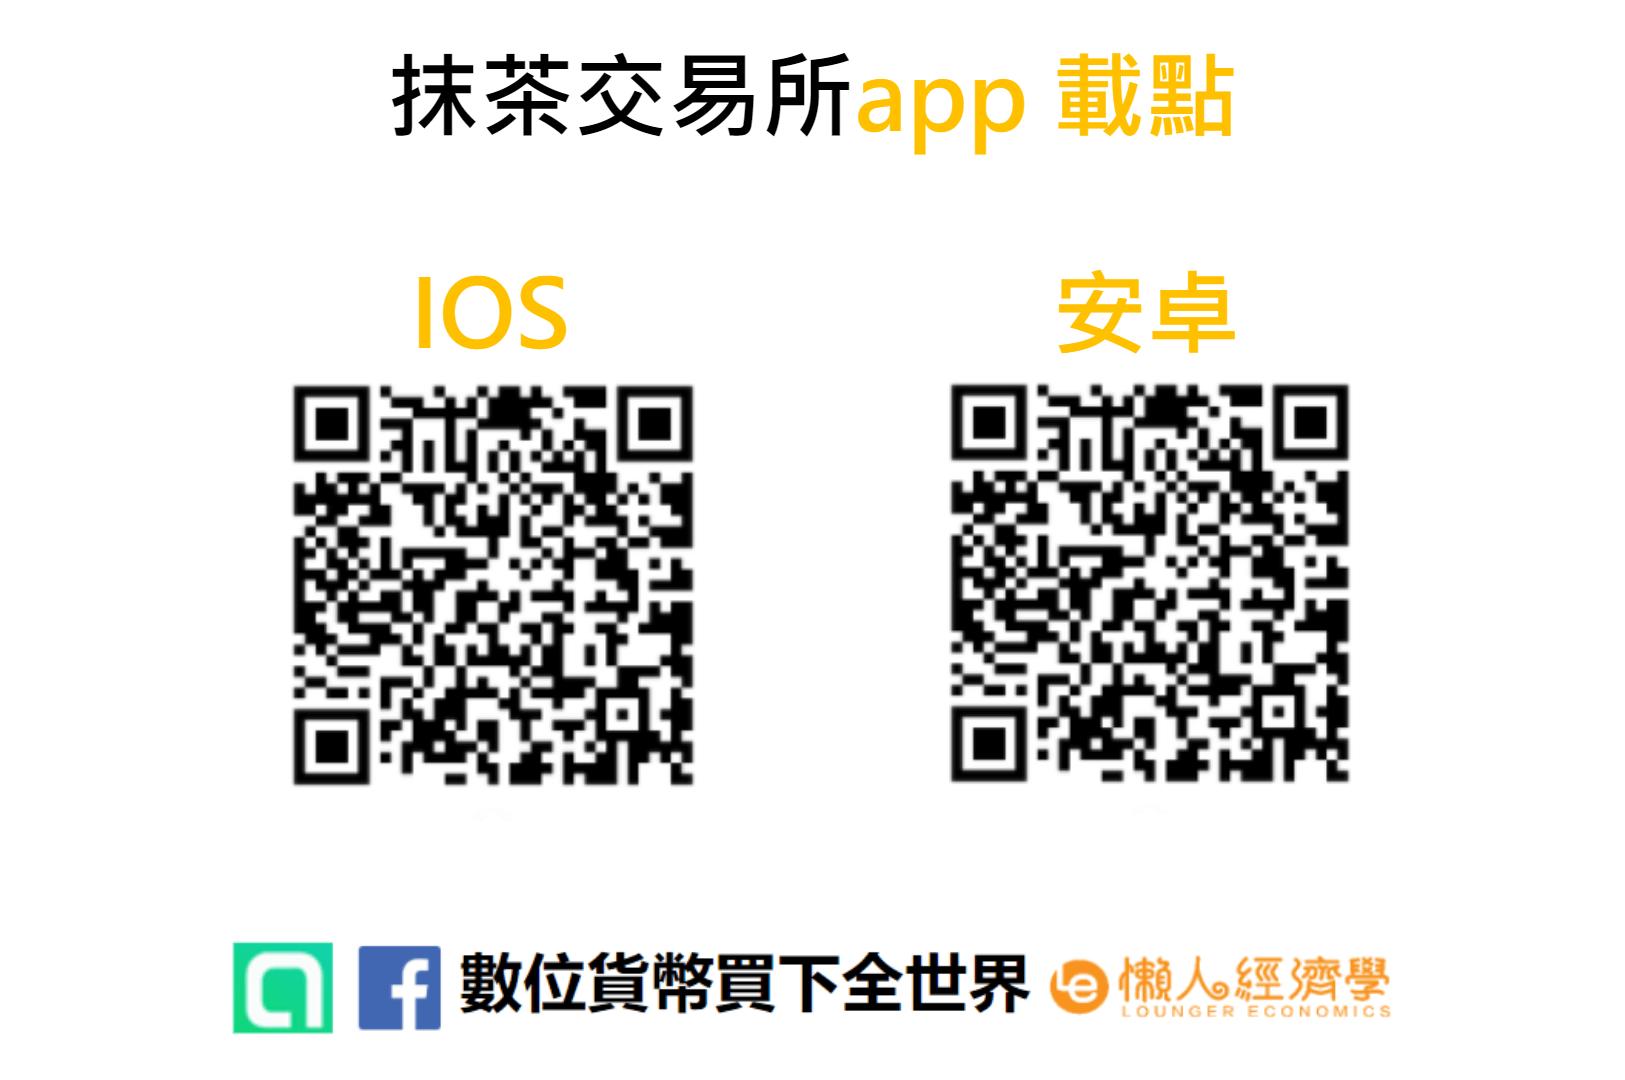 抹茶交易所 MEXC 註冊教學:抹茶交易所 app載點QR code